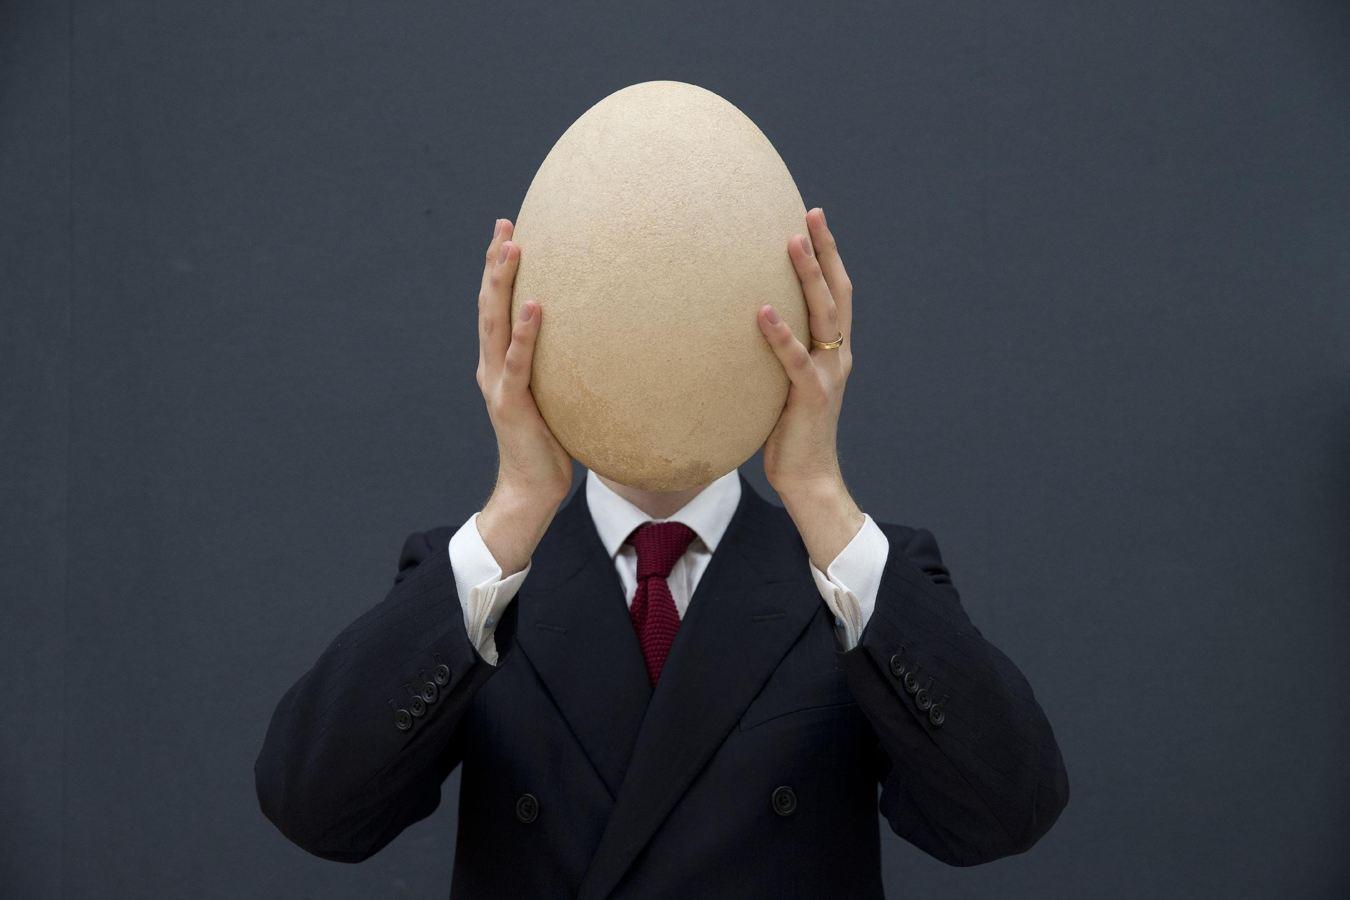 Бешеные яйца: они взрываются прямо во рту